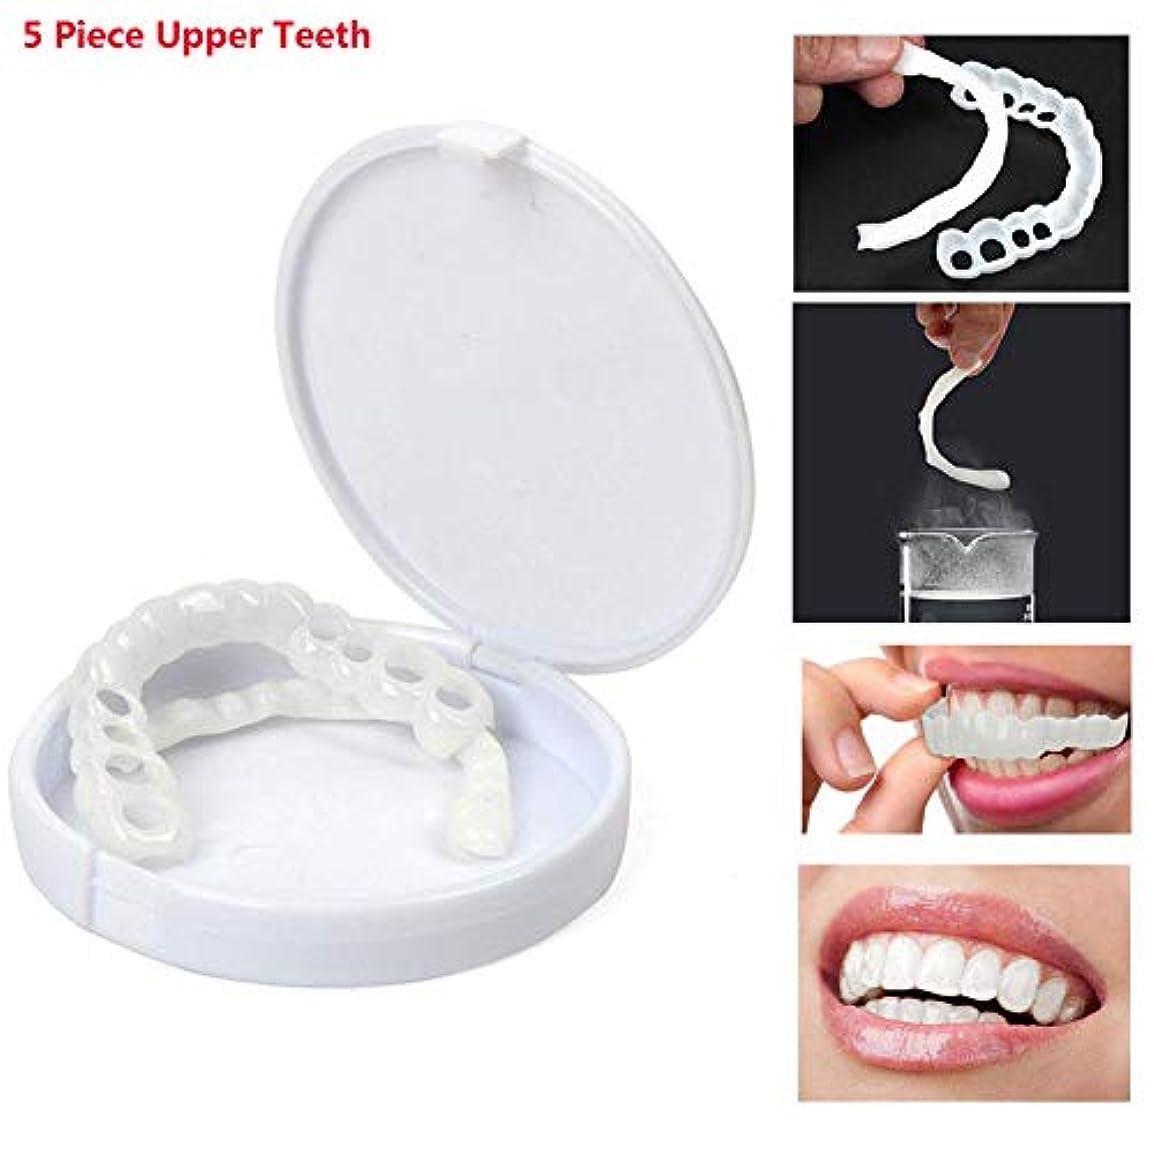 バウンド残忍な豊富な大括号,5片临时微笑舒适贴合成牙齿义齿牙齿化妆贴纸(上牙)